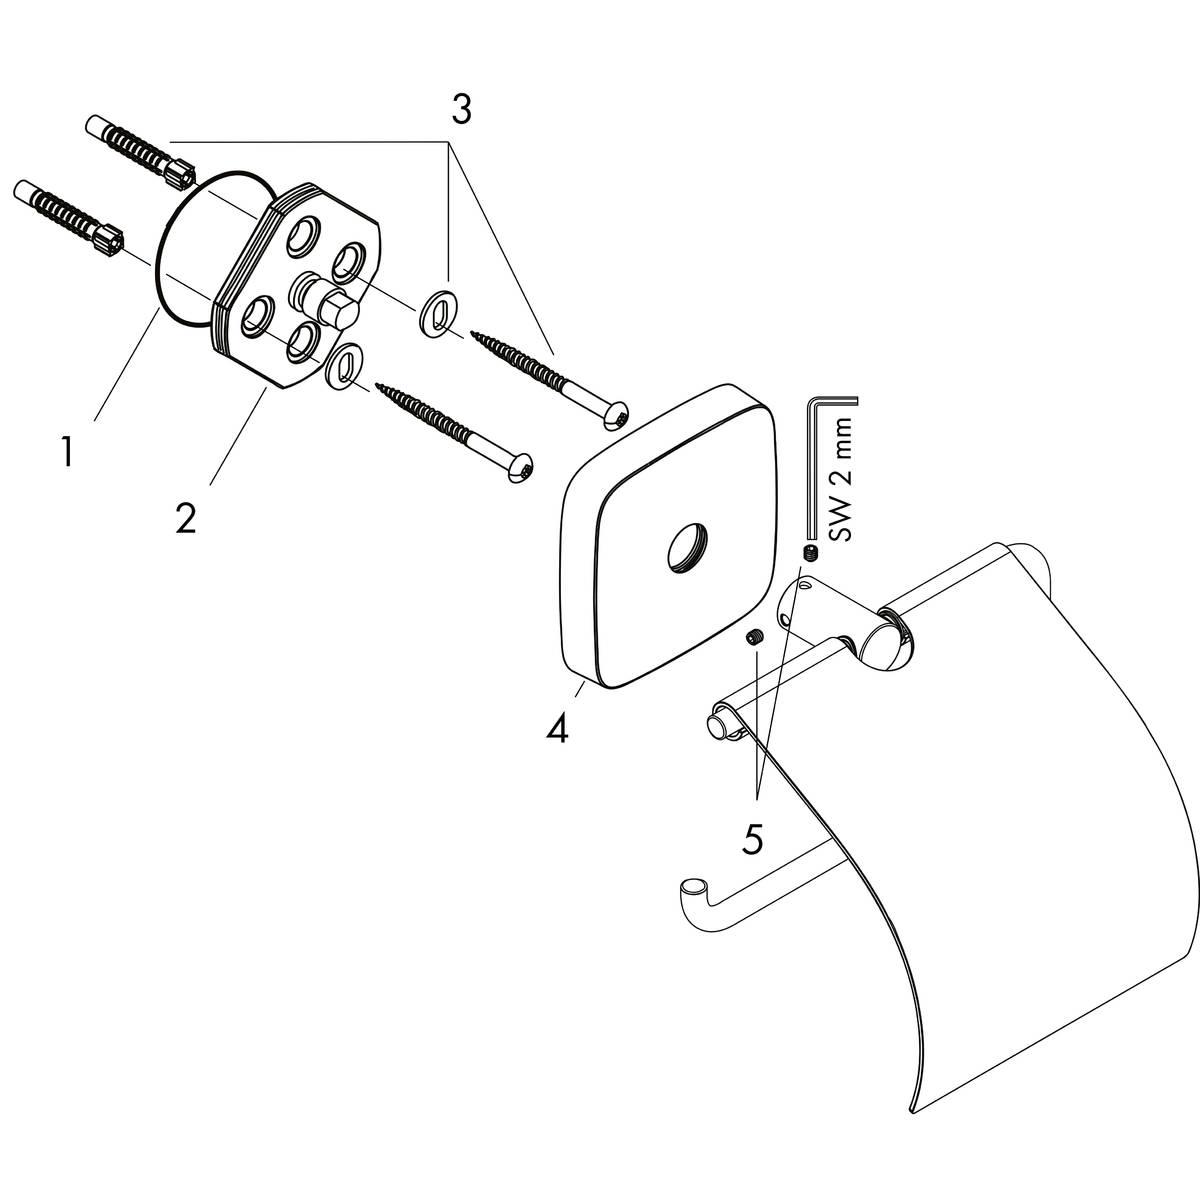 hansgrohe accessoires puravida porte papier avec couvercle n article 41508000 hansgrohe fr. Black Bedroom Furniture Sets. Home Design Ideas